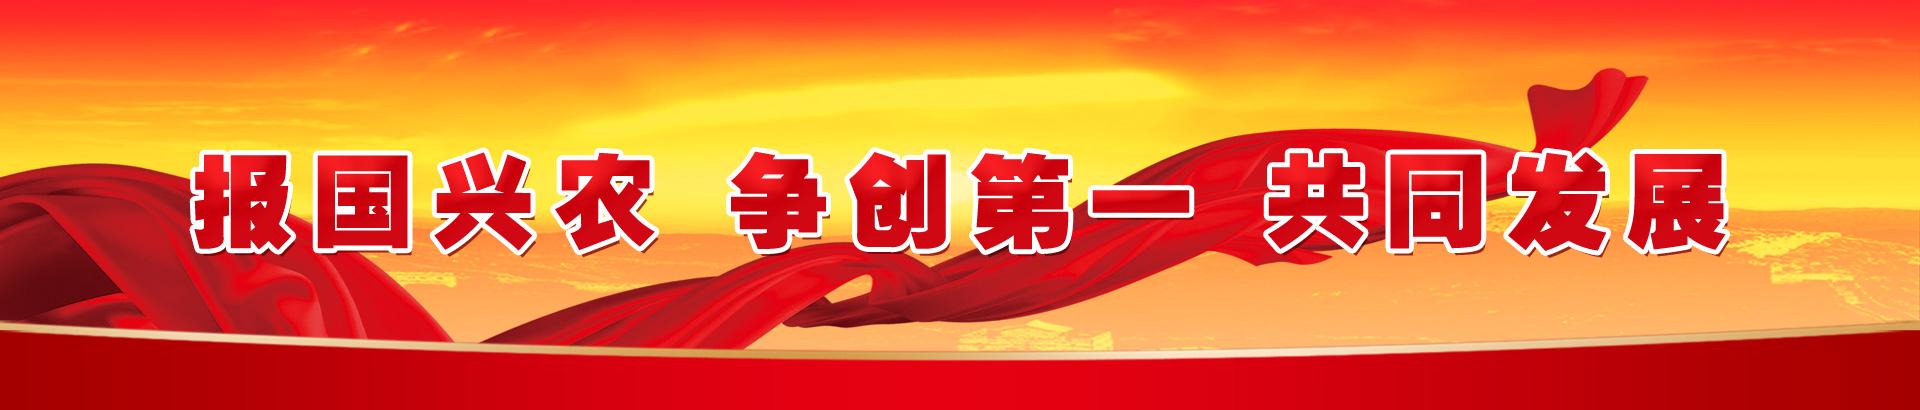 申博sunbet官网